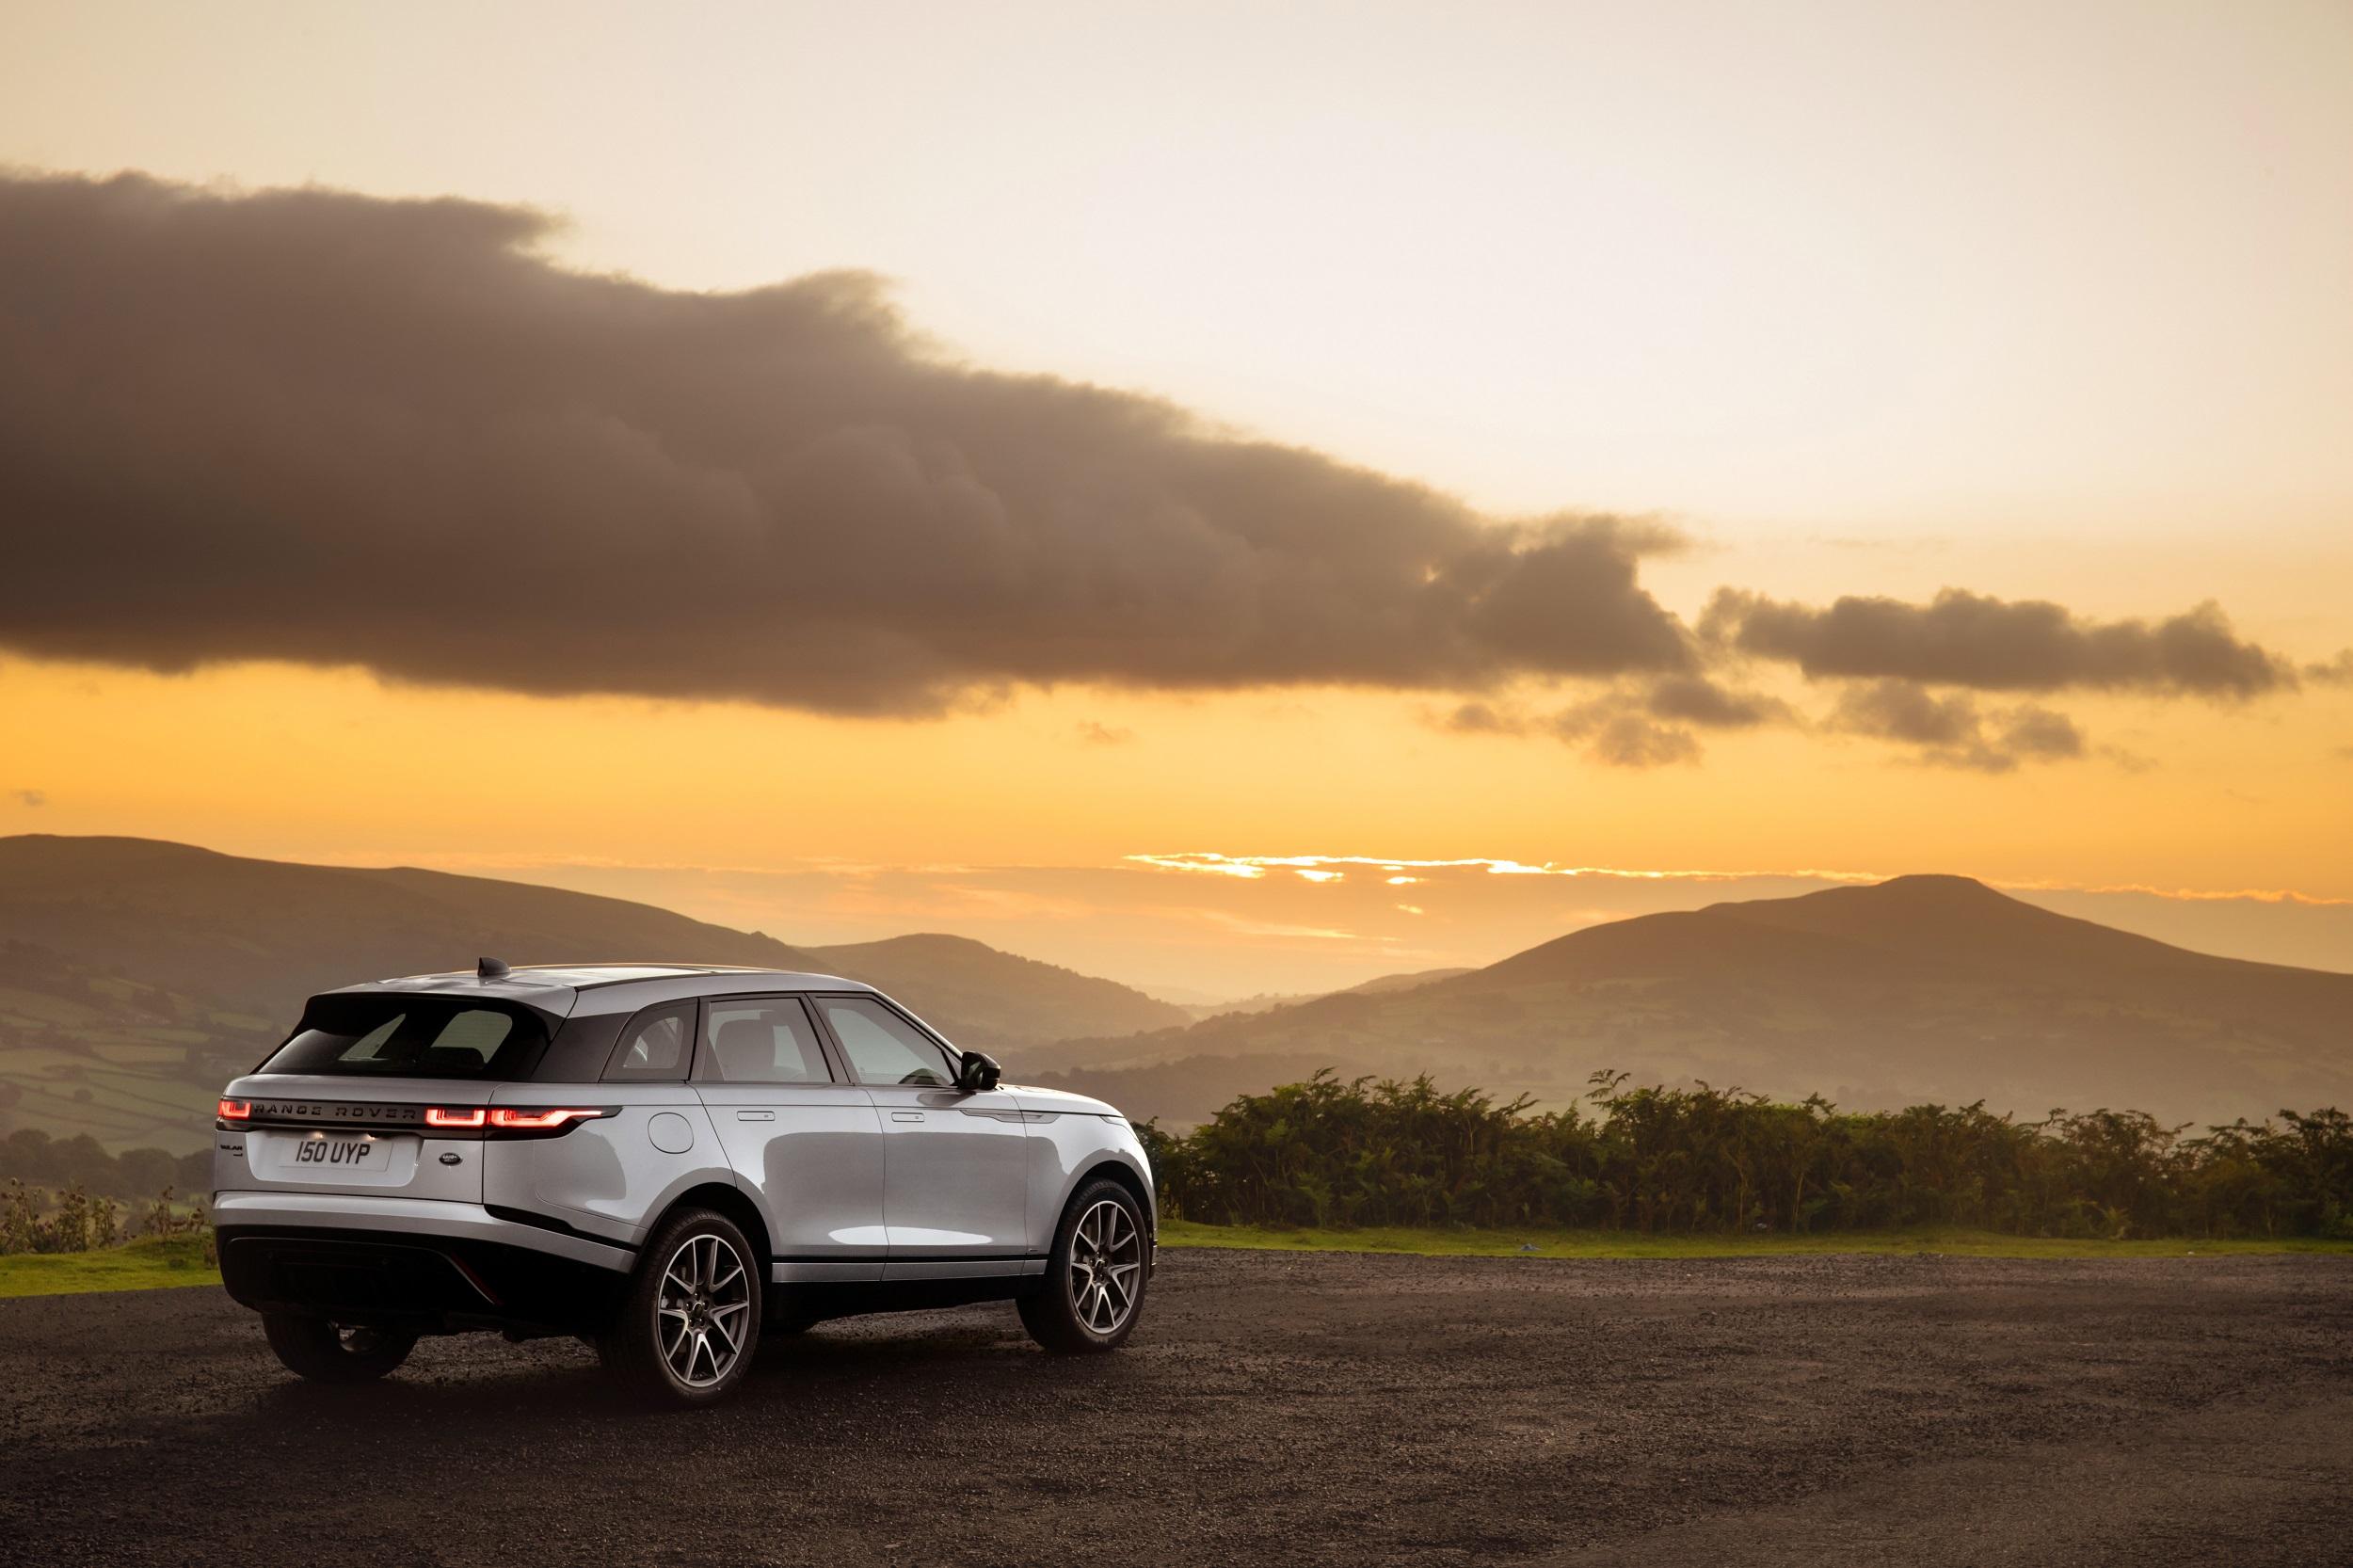 Auto Stahl der neue Range Rover Velar Sonnenuntergang